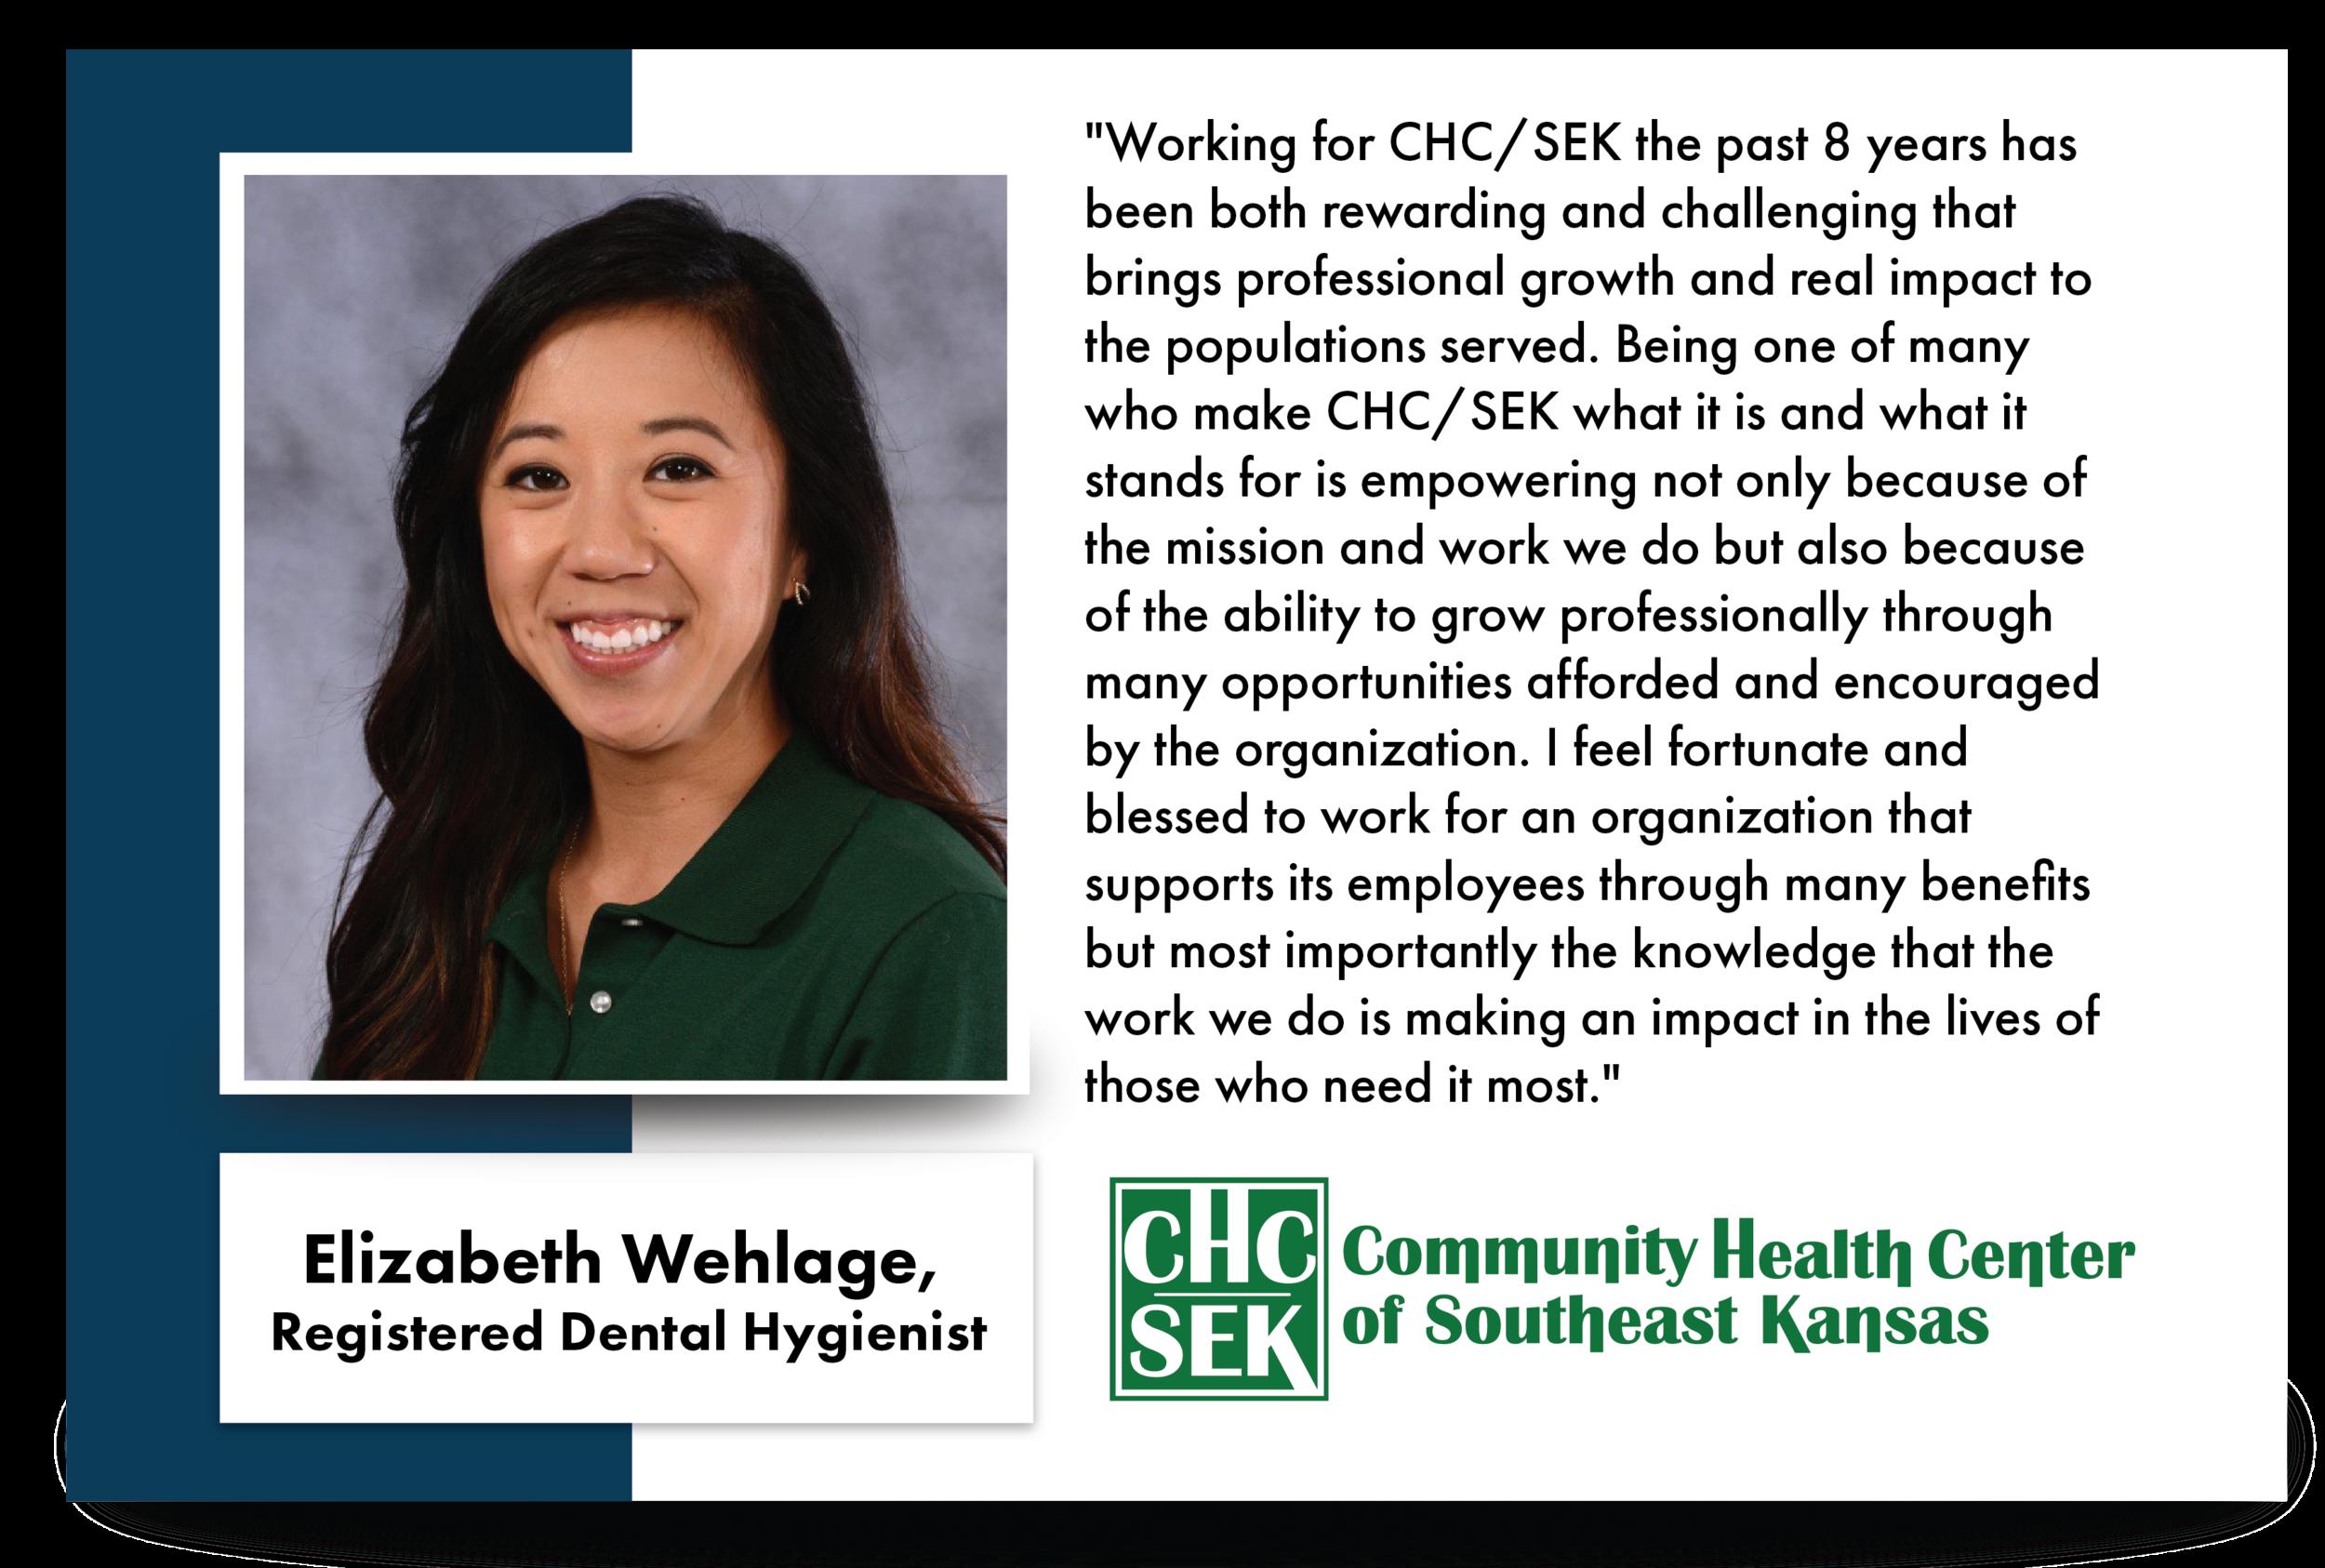 Elizabeth Wehlage, Registered Dental Hygienist CHCSEK